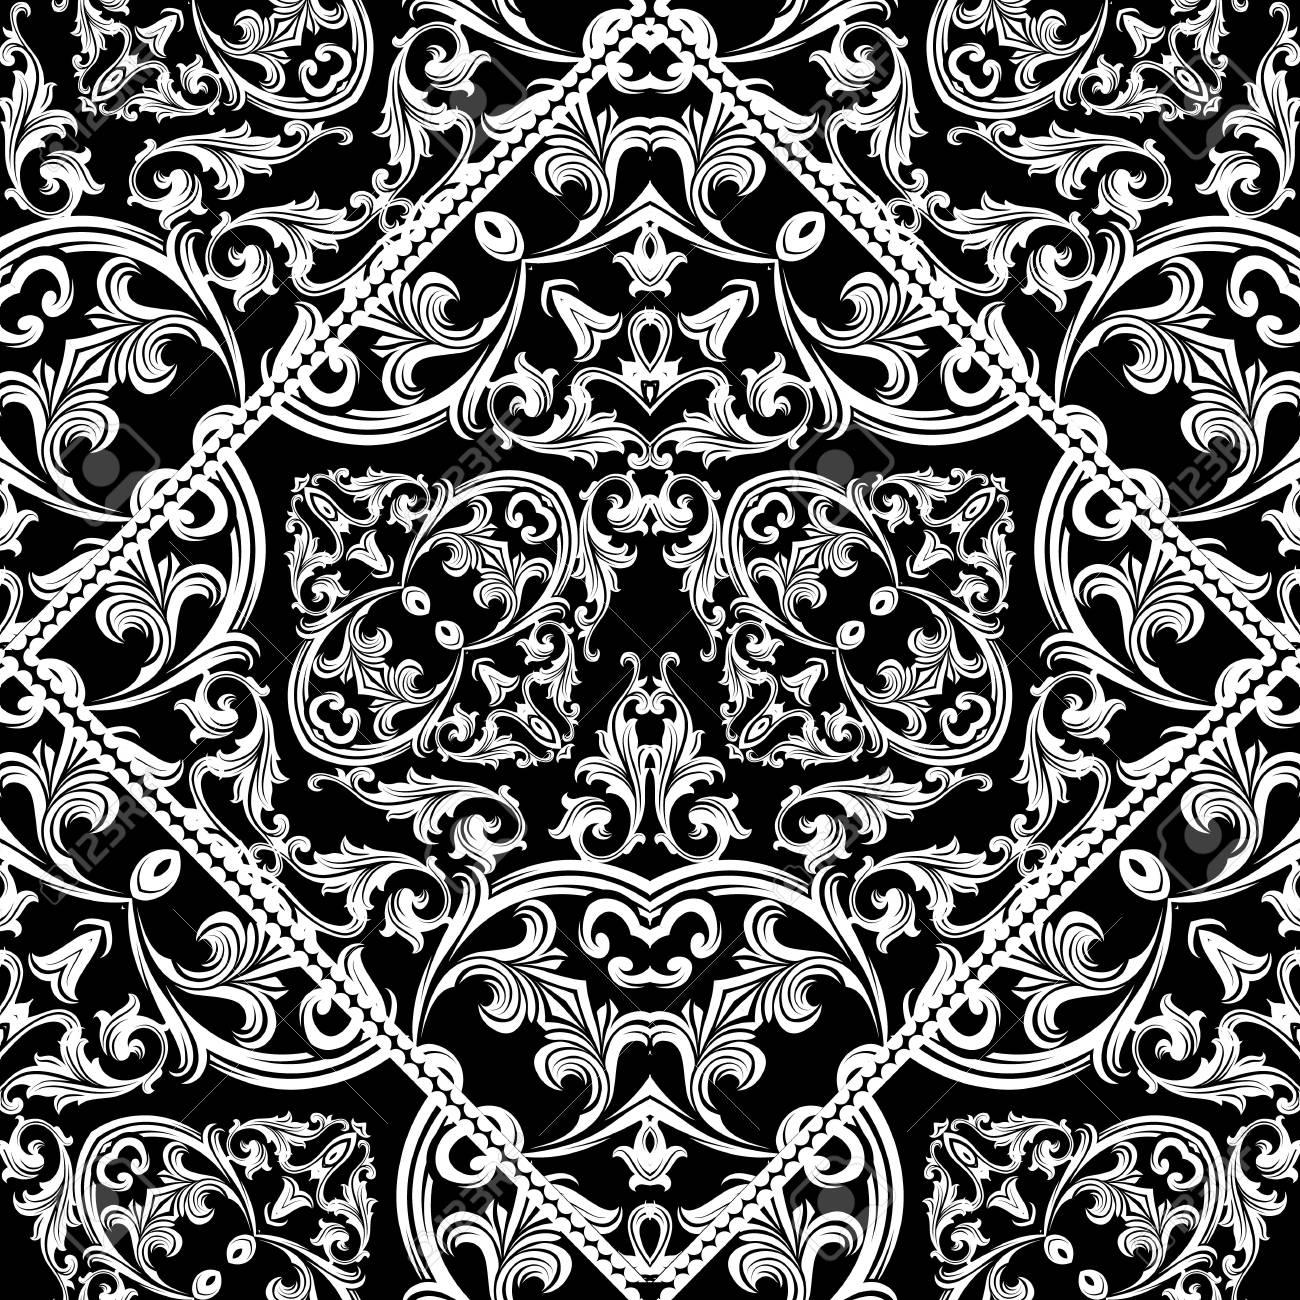 modele sans couture baroque antique fond d ecran floral noir avec de belles fleurs damasses blancs vintage feuilles de defilement cadre de losange